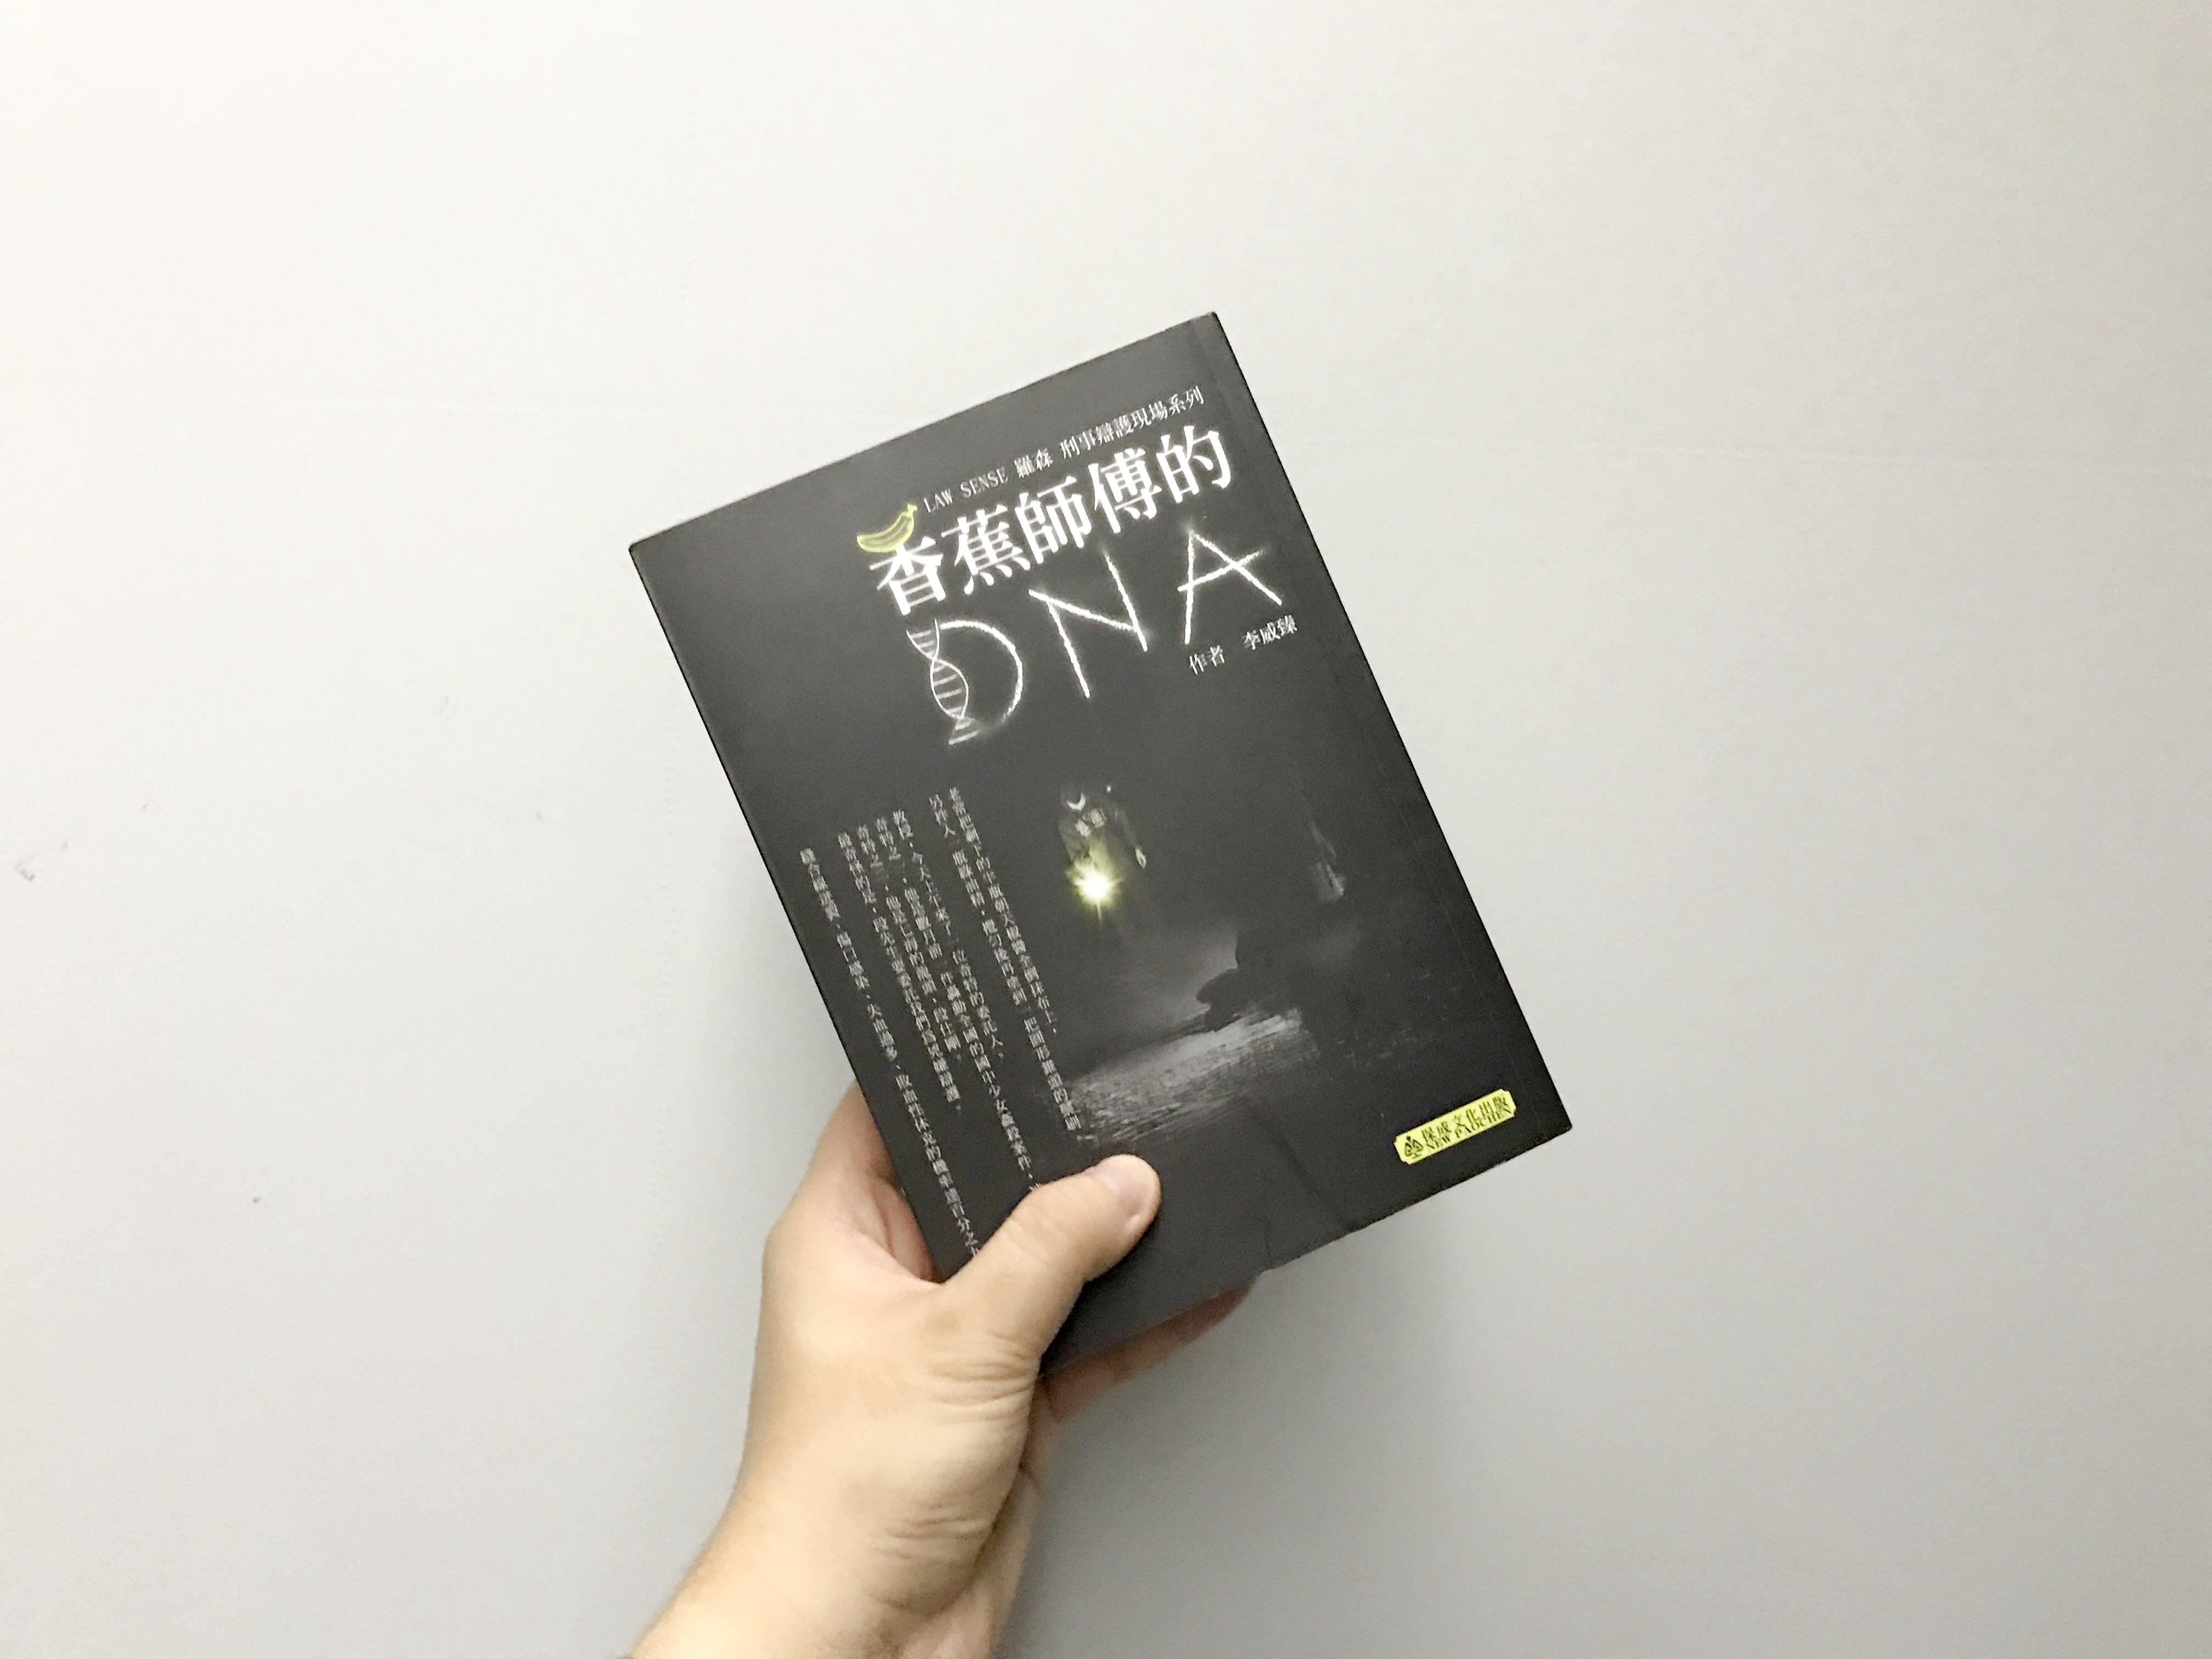 「社會很殘忍卻也有著溫柔,」但法律不該成為欺負人的工具 - 《香蕉師傅的DNA》讀後